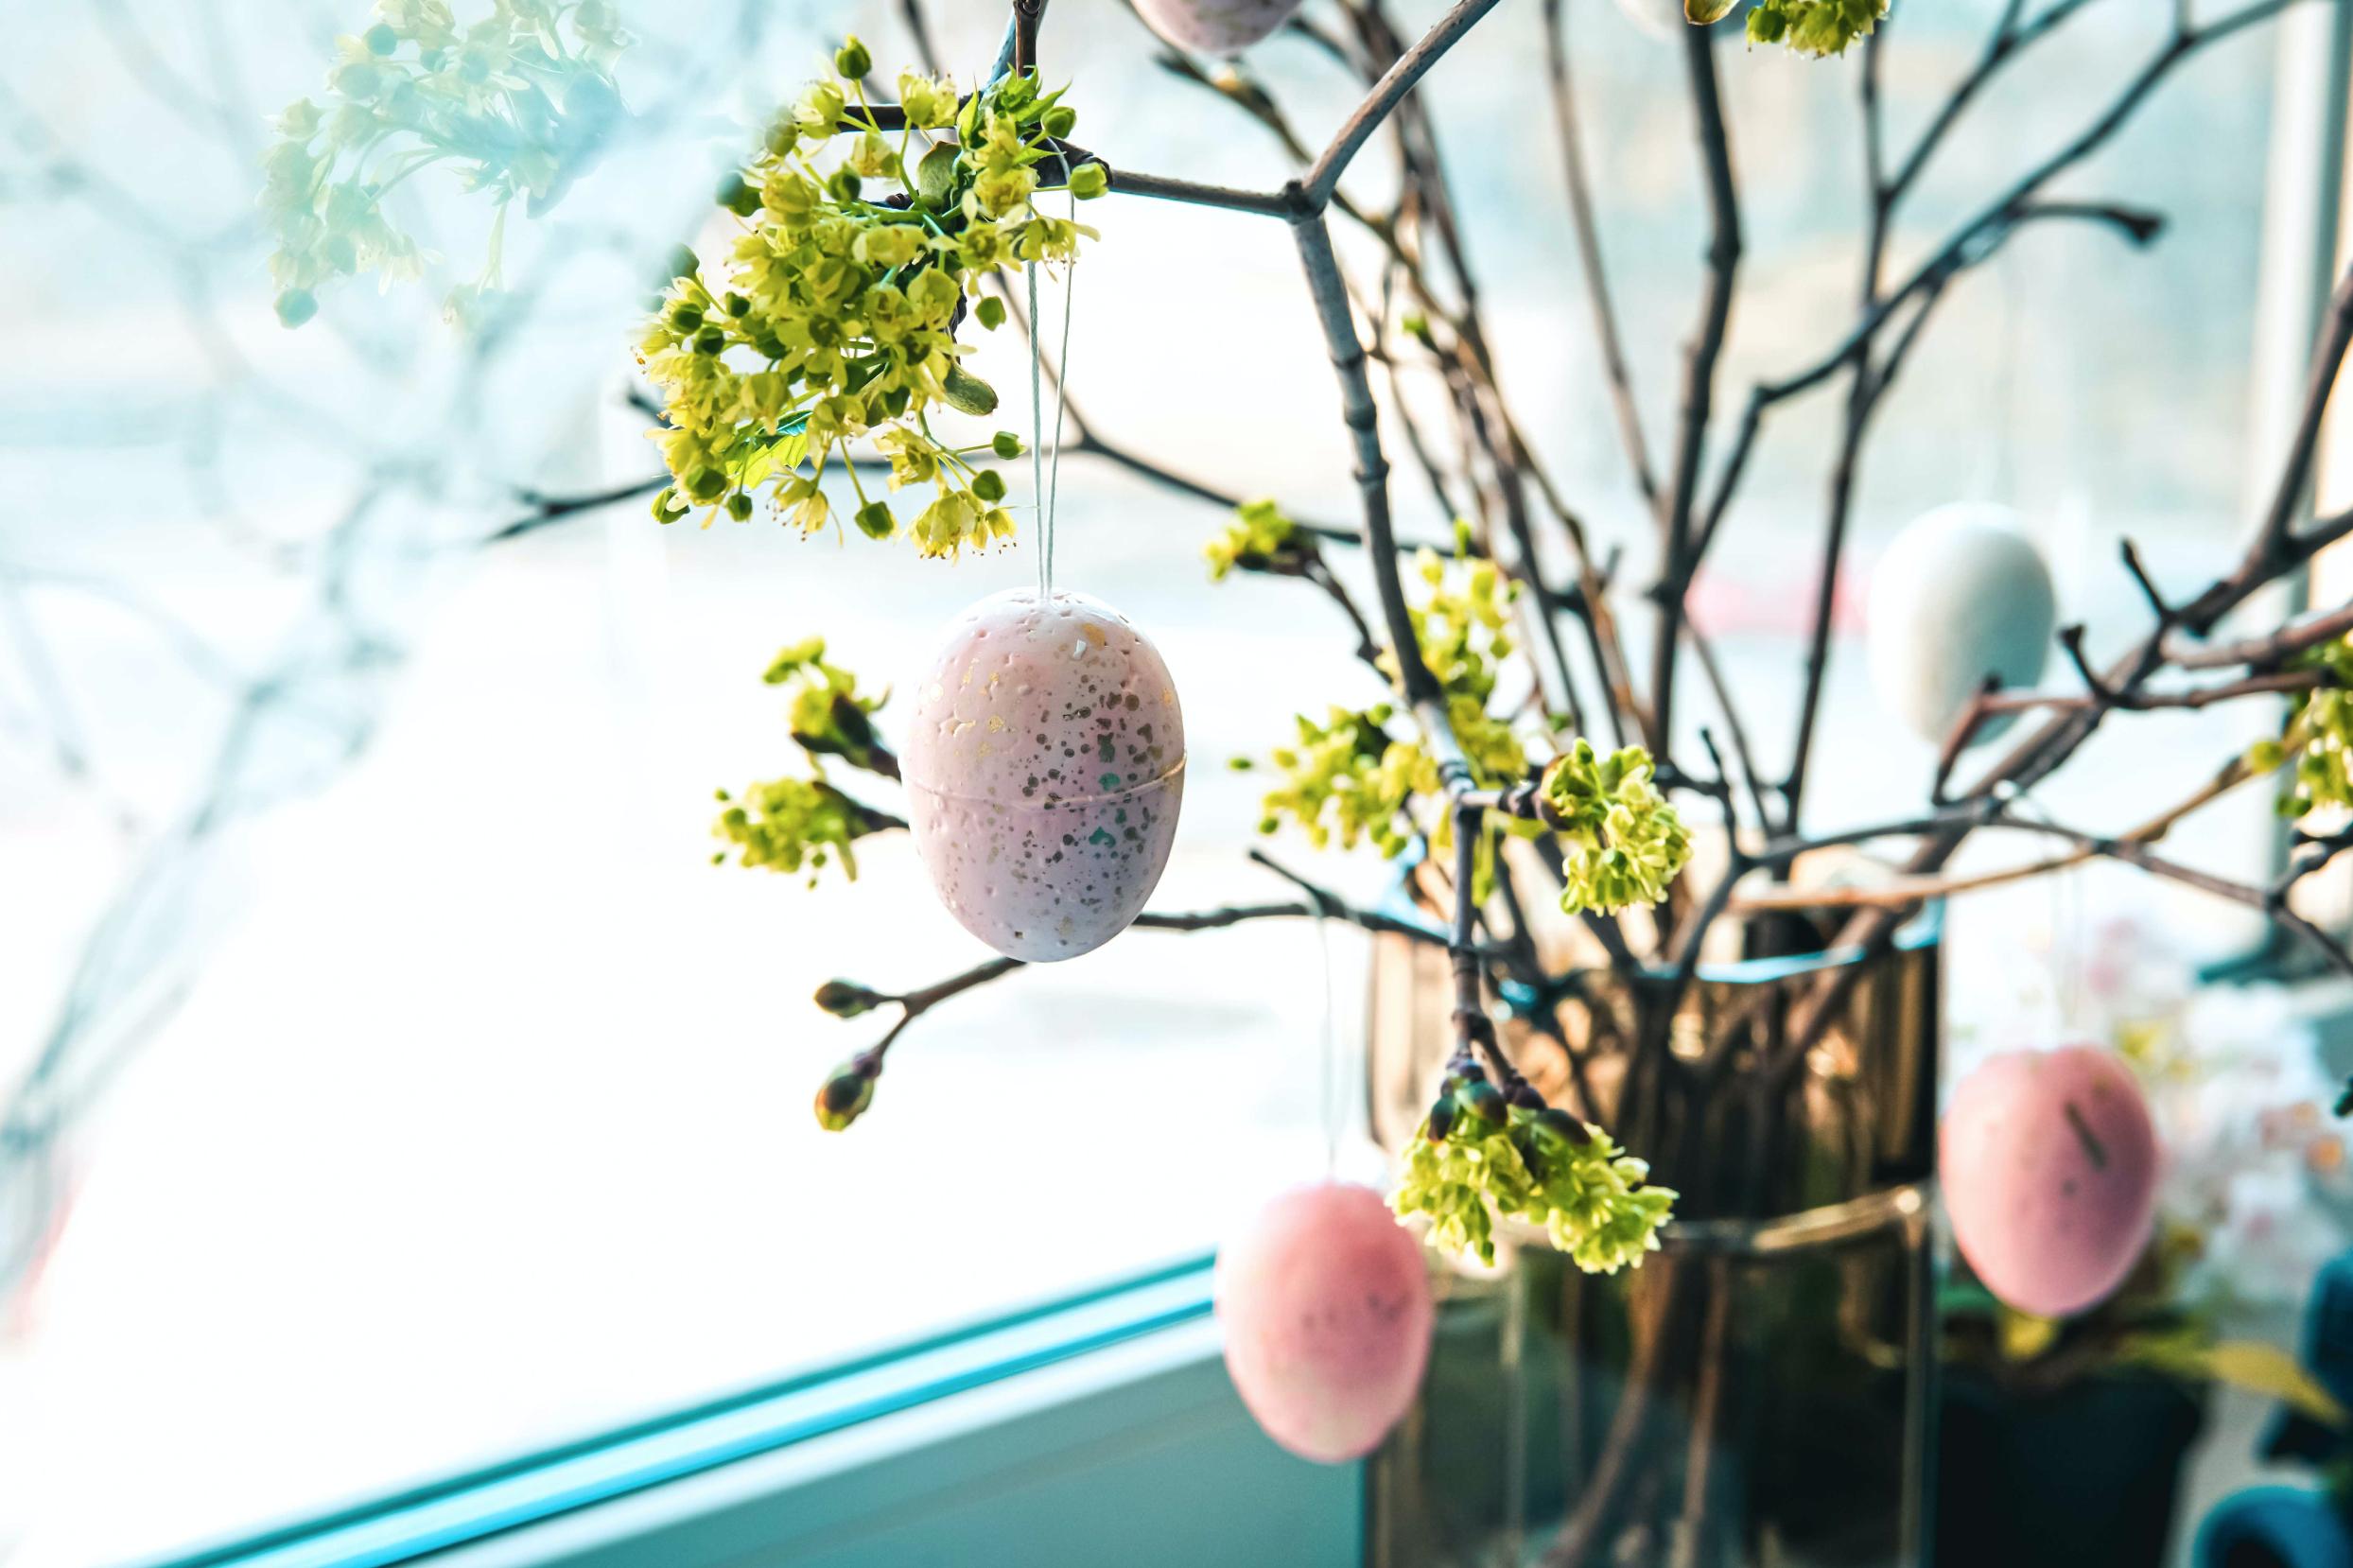 Wielkanocne dekoracje okien idrzwi